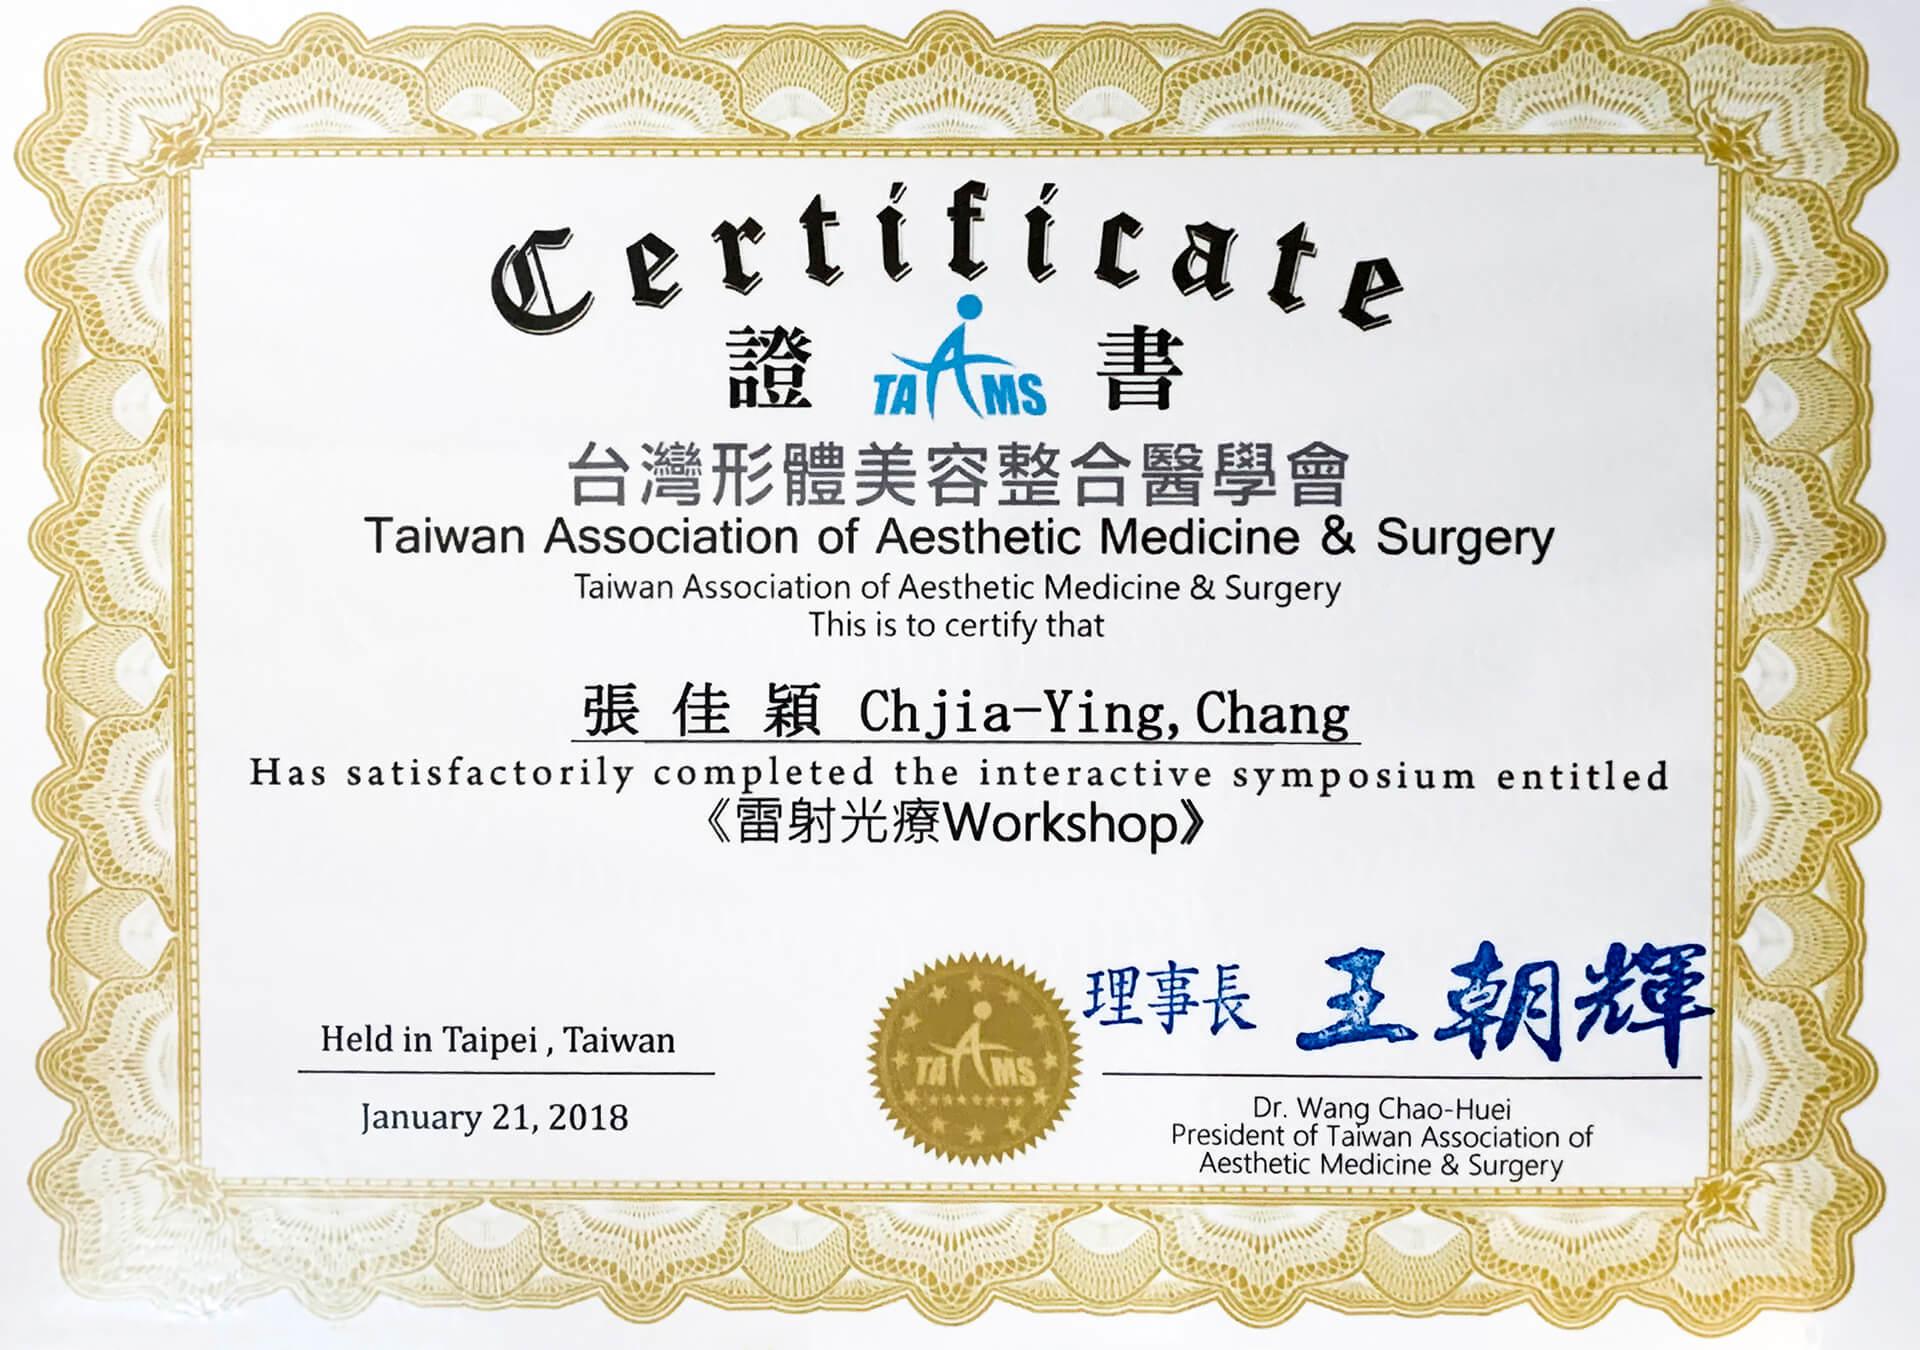 形體美容雷射光療workshop完成 (1)